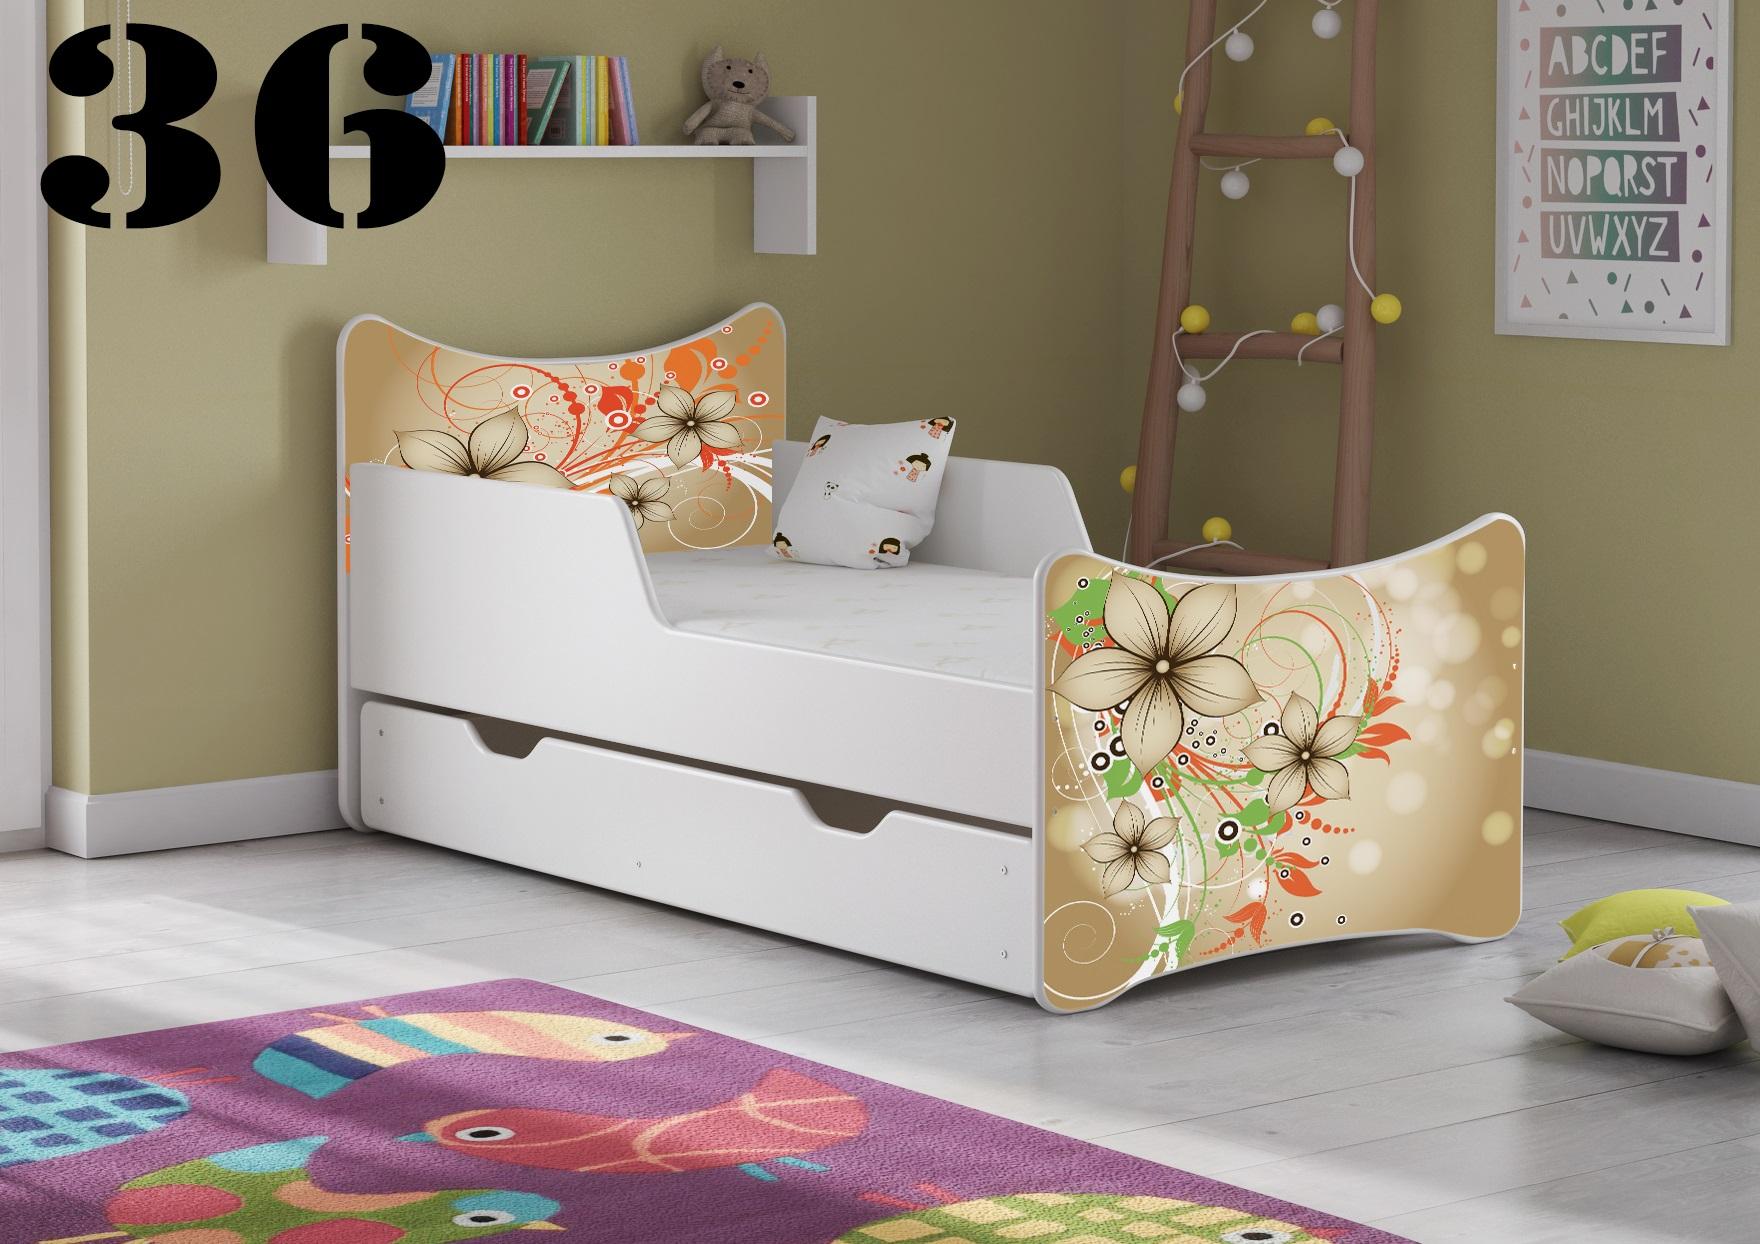 Detská posteľ SMB Pes a mačka 16 Prevedenie: Obrázok č.36